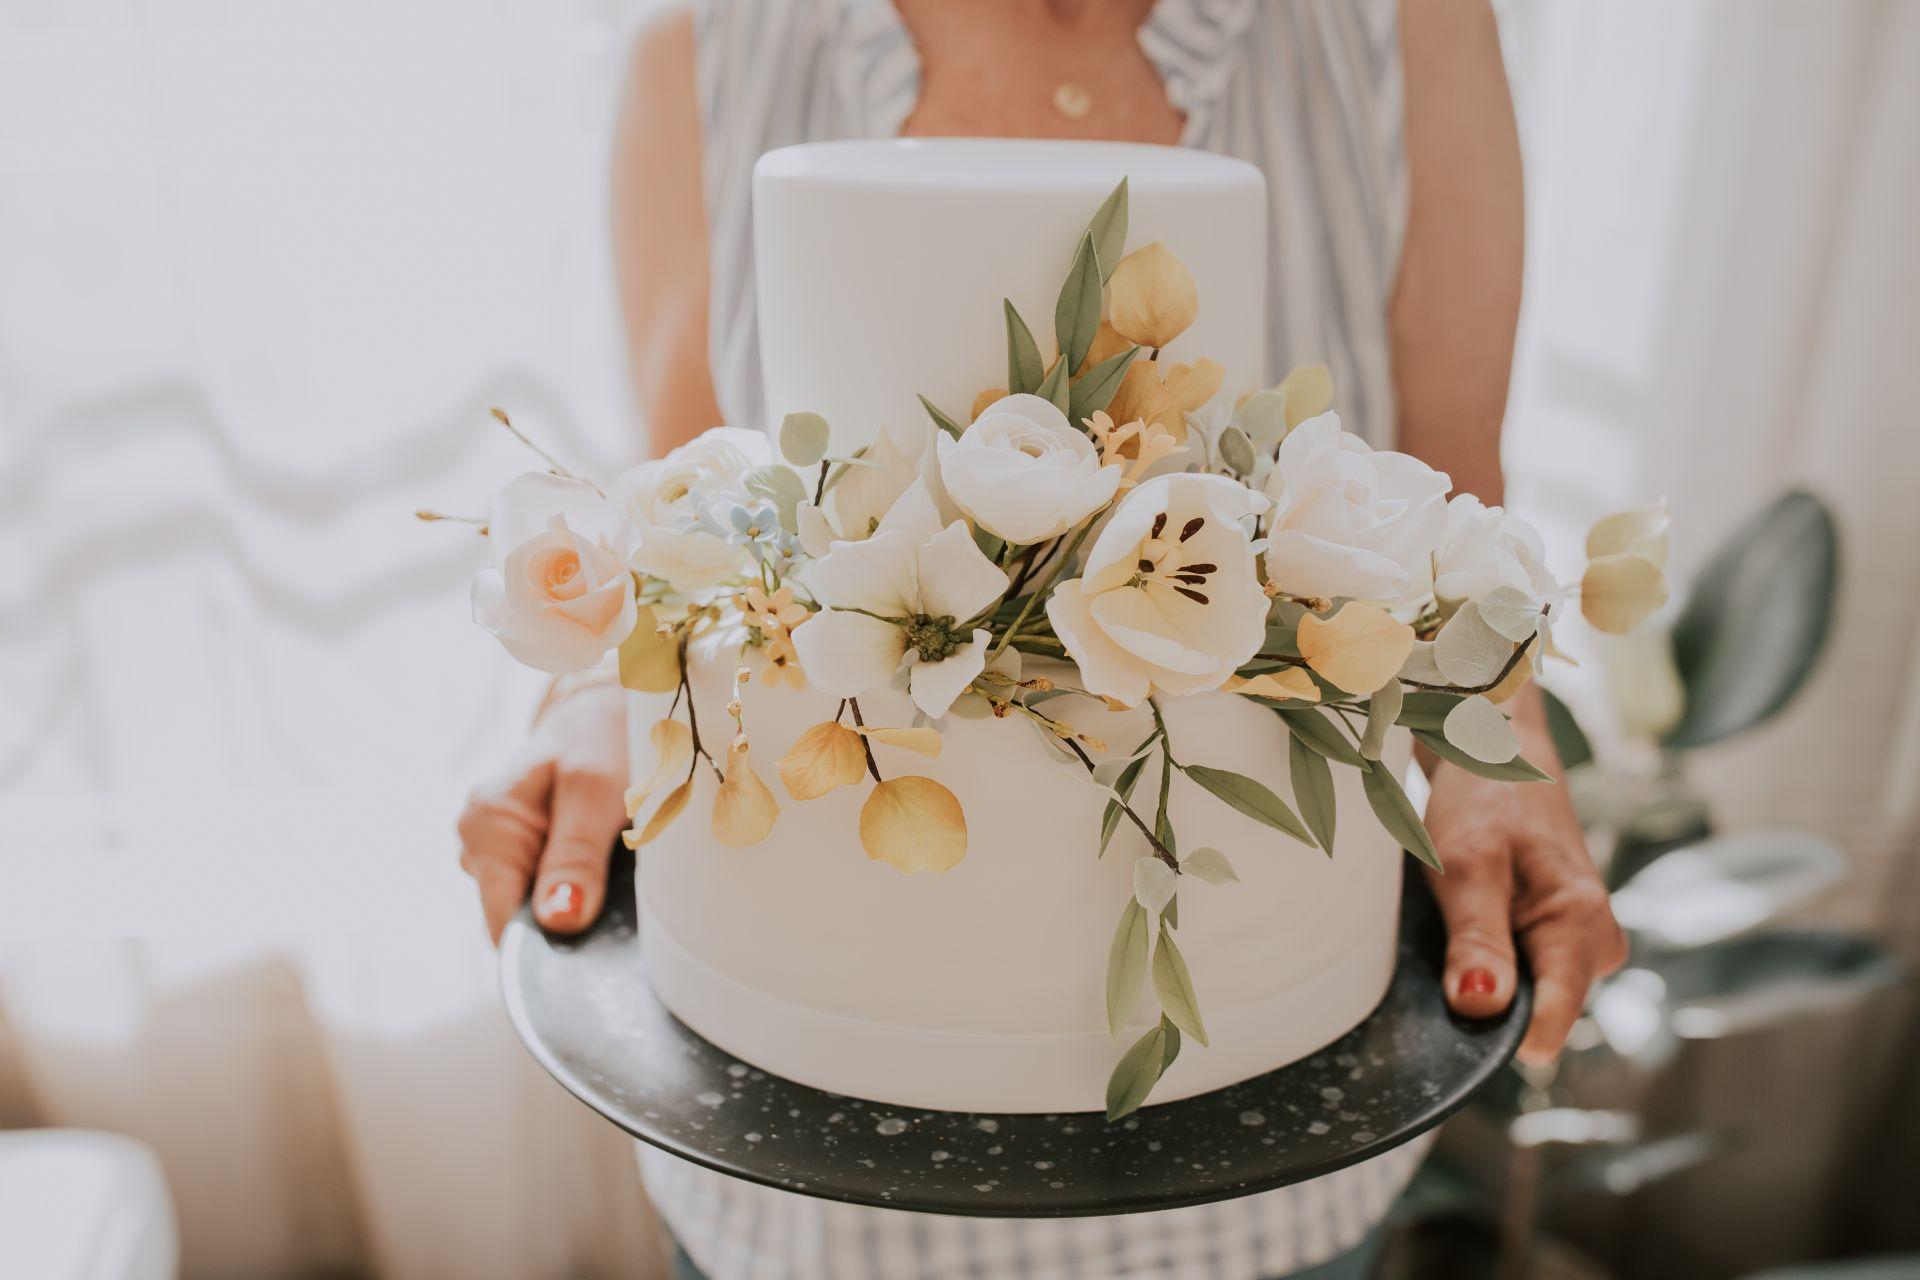 כשהכלה היא המעצבת והחתן הוא הדי ג'יי: חתונת קורונה מפתיעה בבית